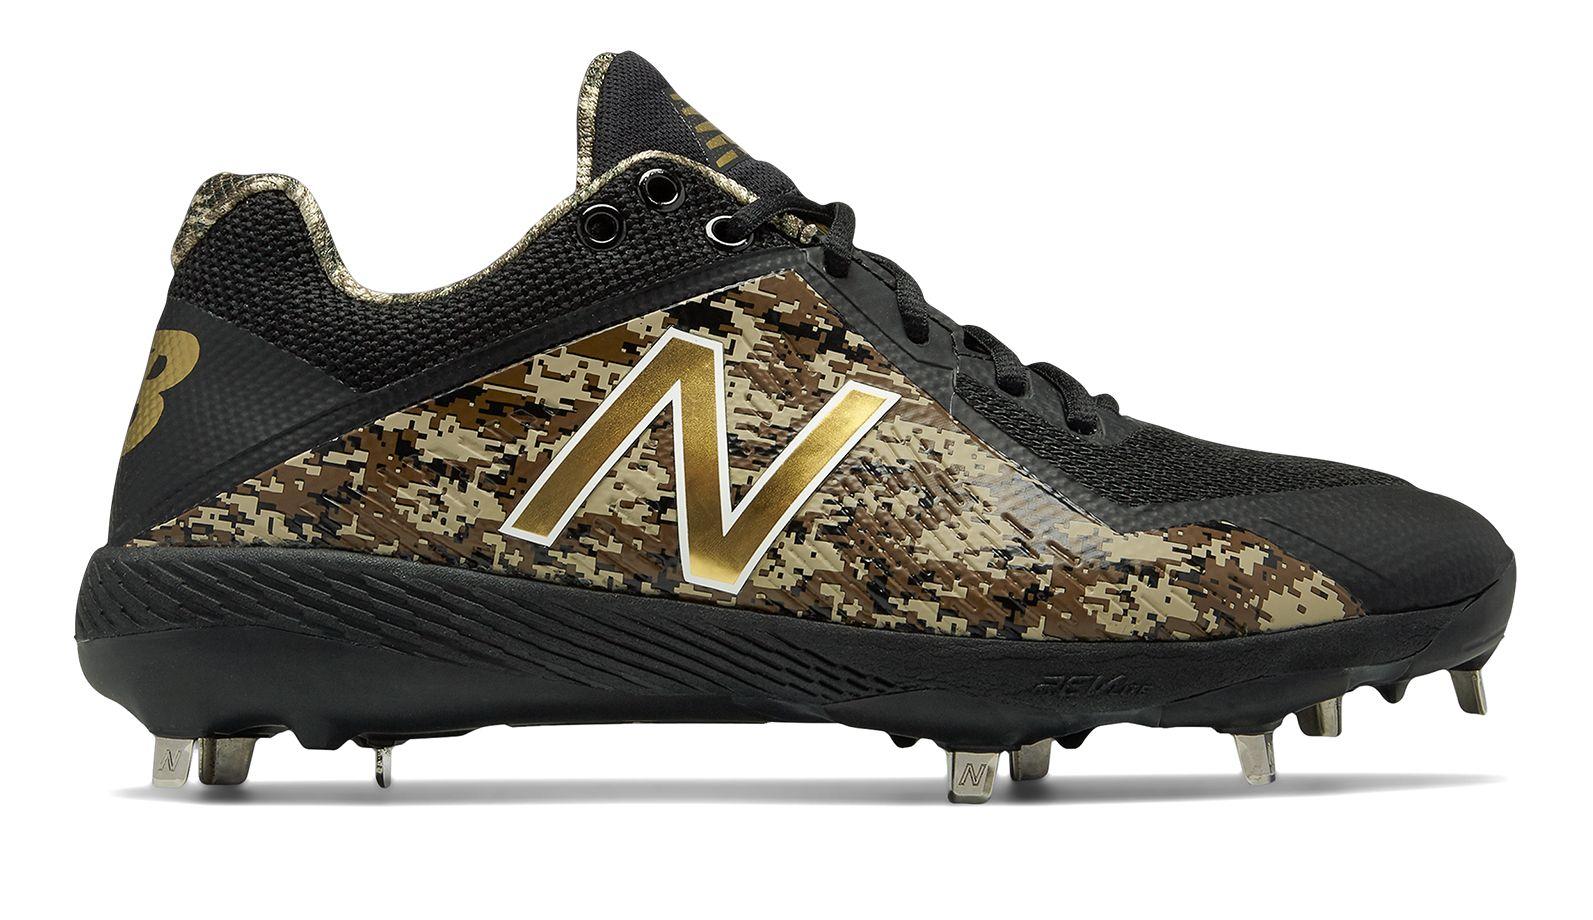 37897f4c6 New Balance Low-Cut 4040V4 Metal Baseball Cleat Adult Shoes Black ...